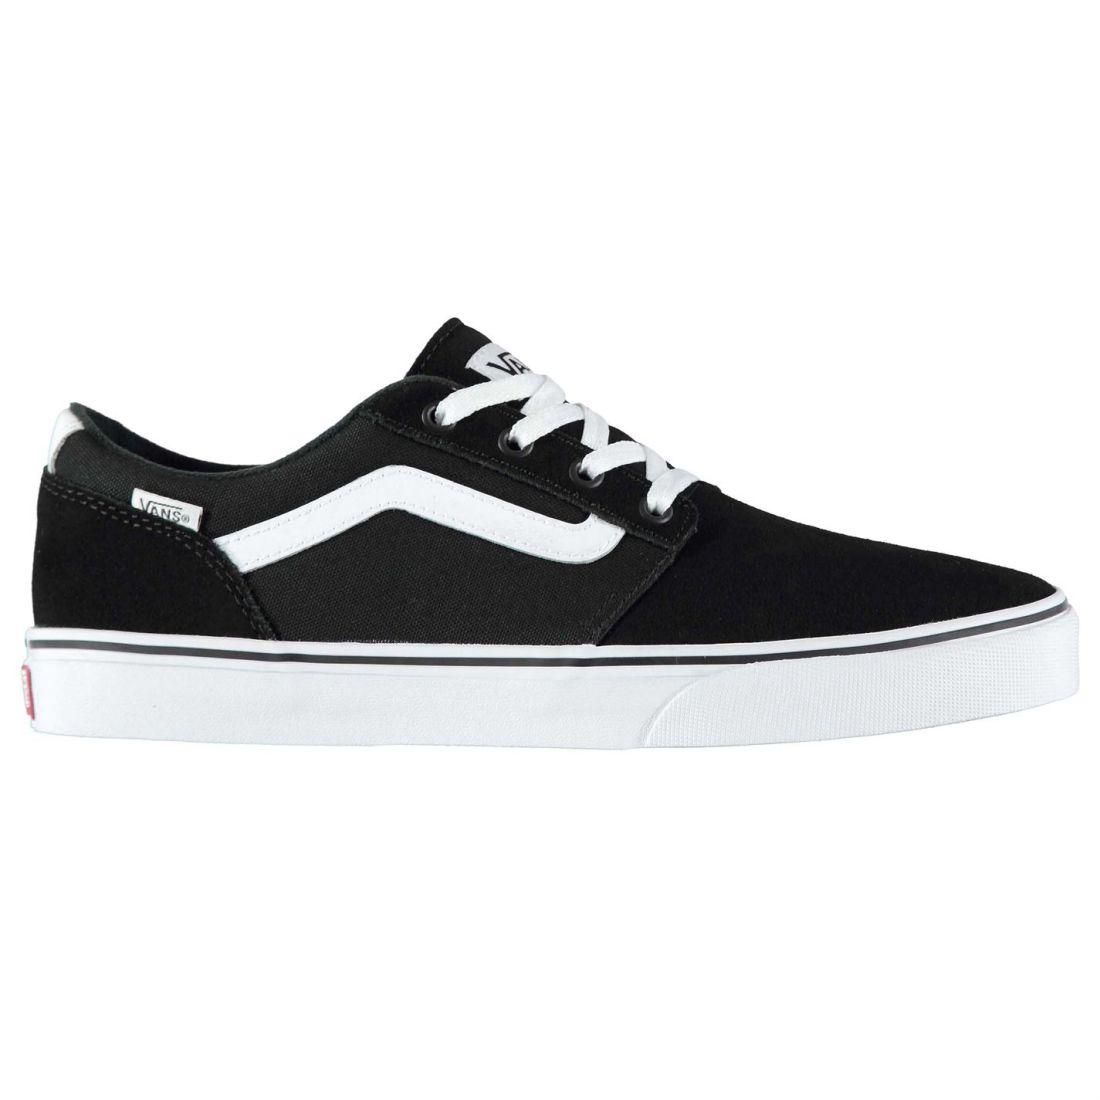 d8d1f13dcd Vans-Chapman-Stripe-Canvas-Shoes-Low-Mens thumbnail 3